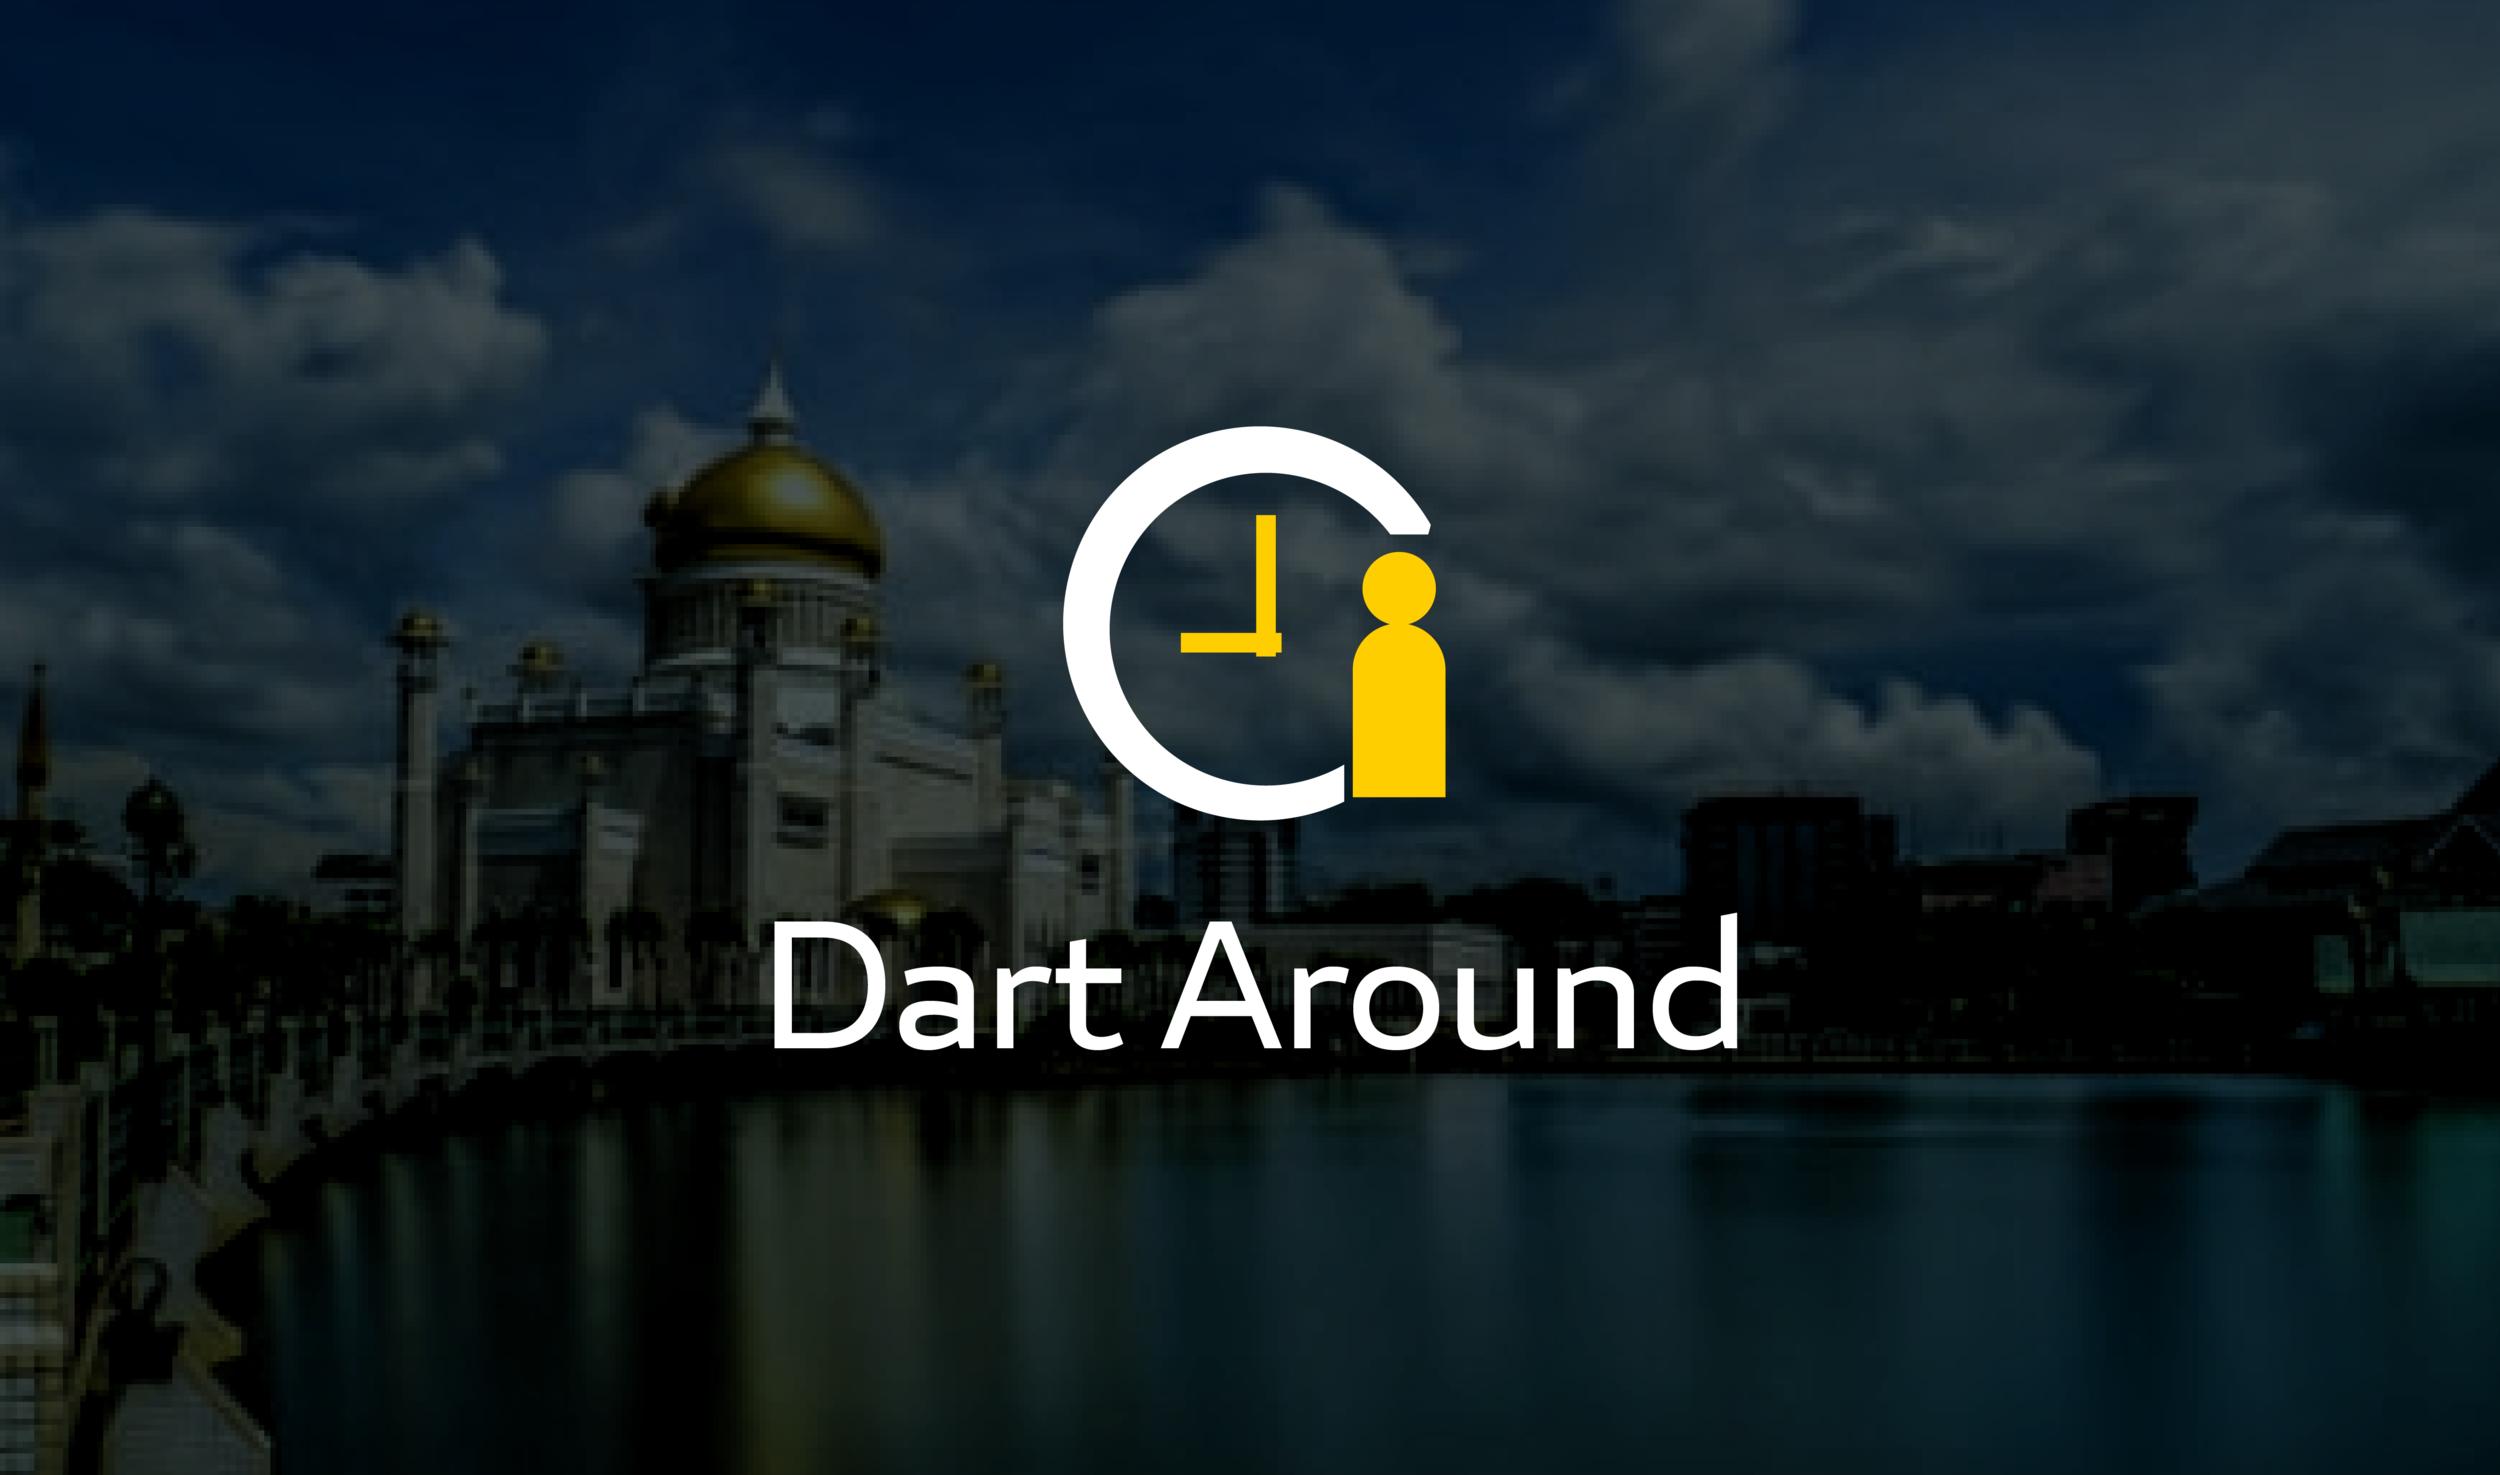 DART_AROUND_IMG.png